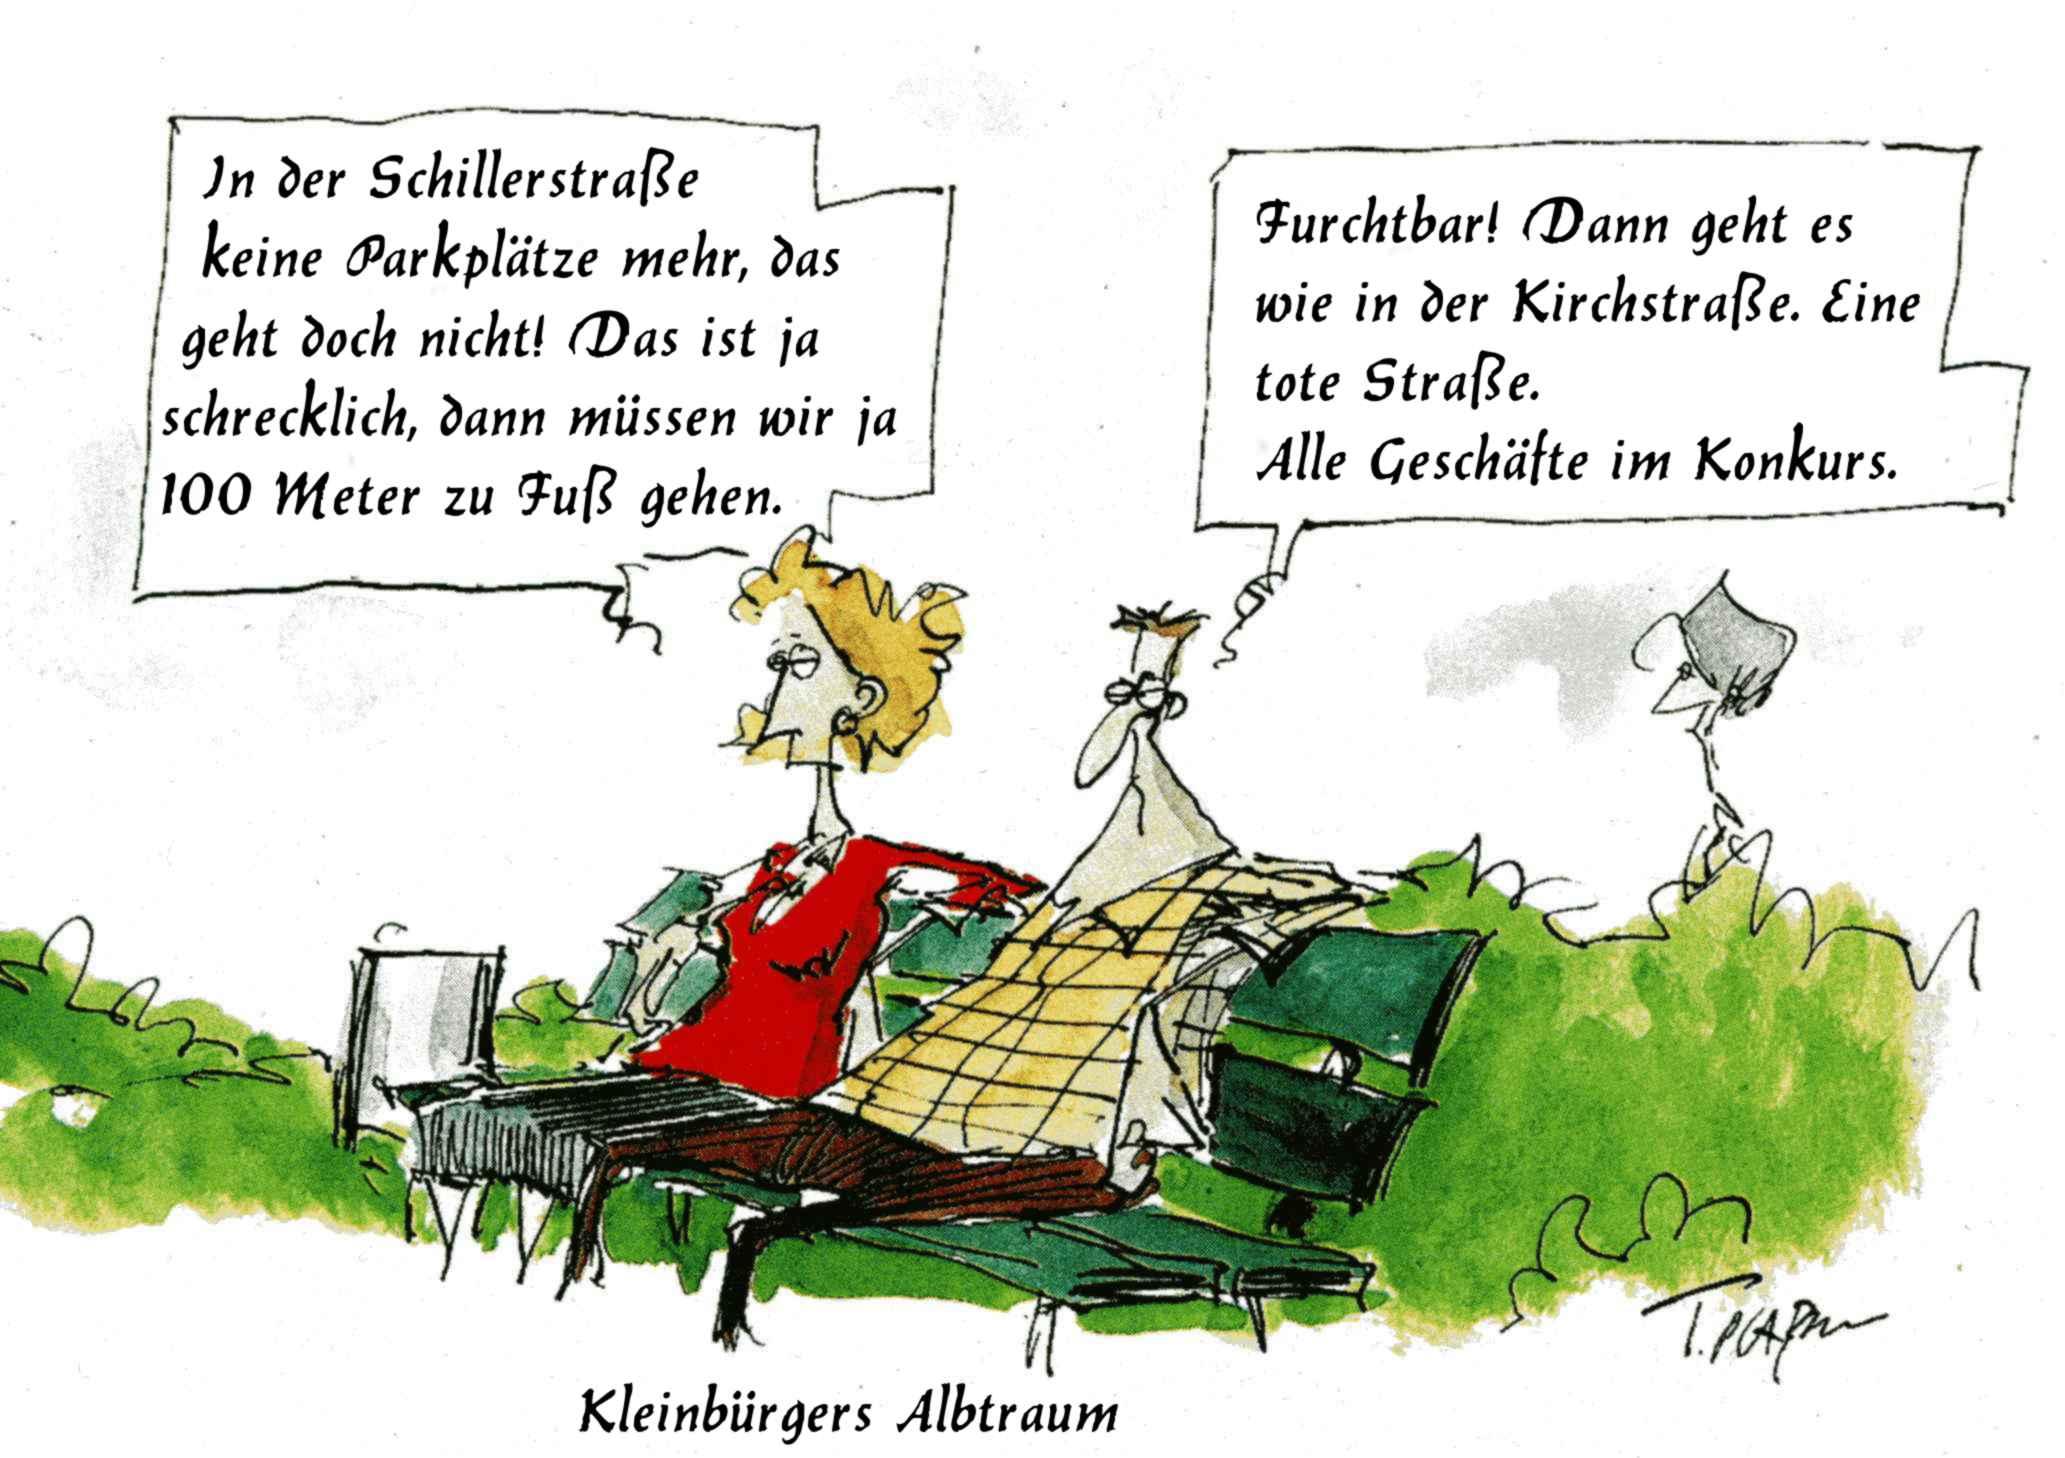 OK-A-12-03-23-Karr-Schillerstrasse